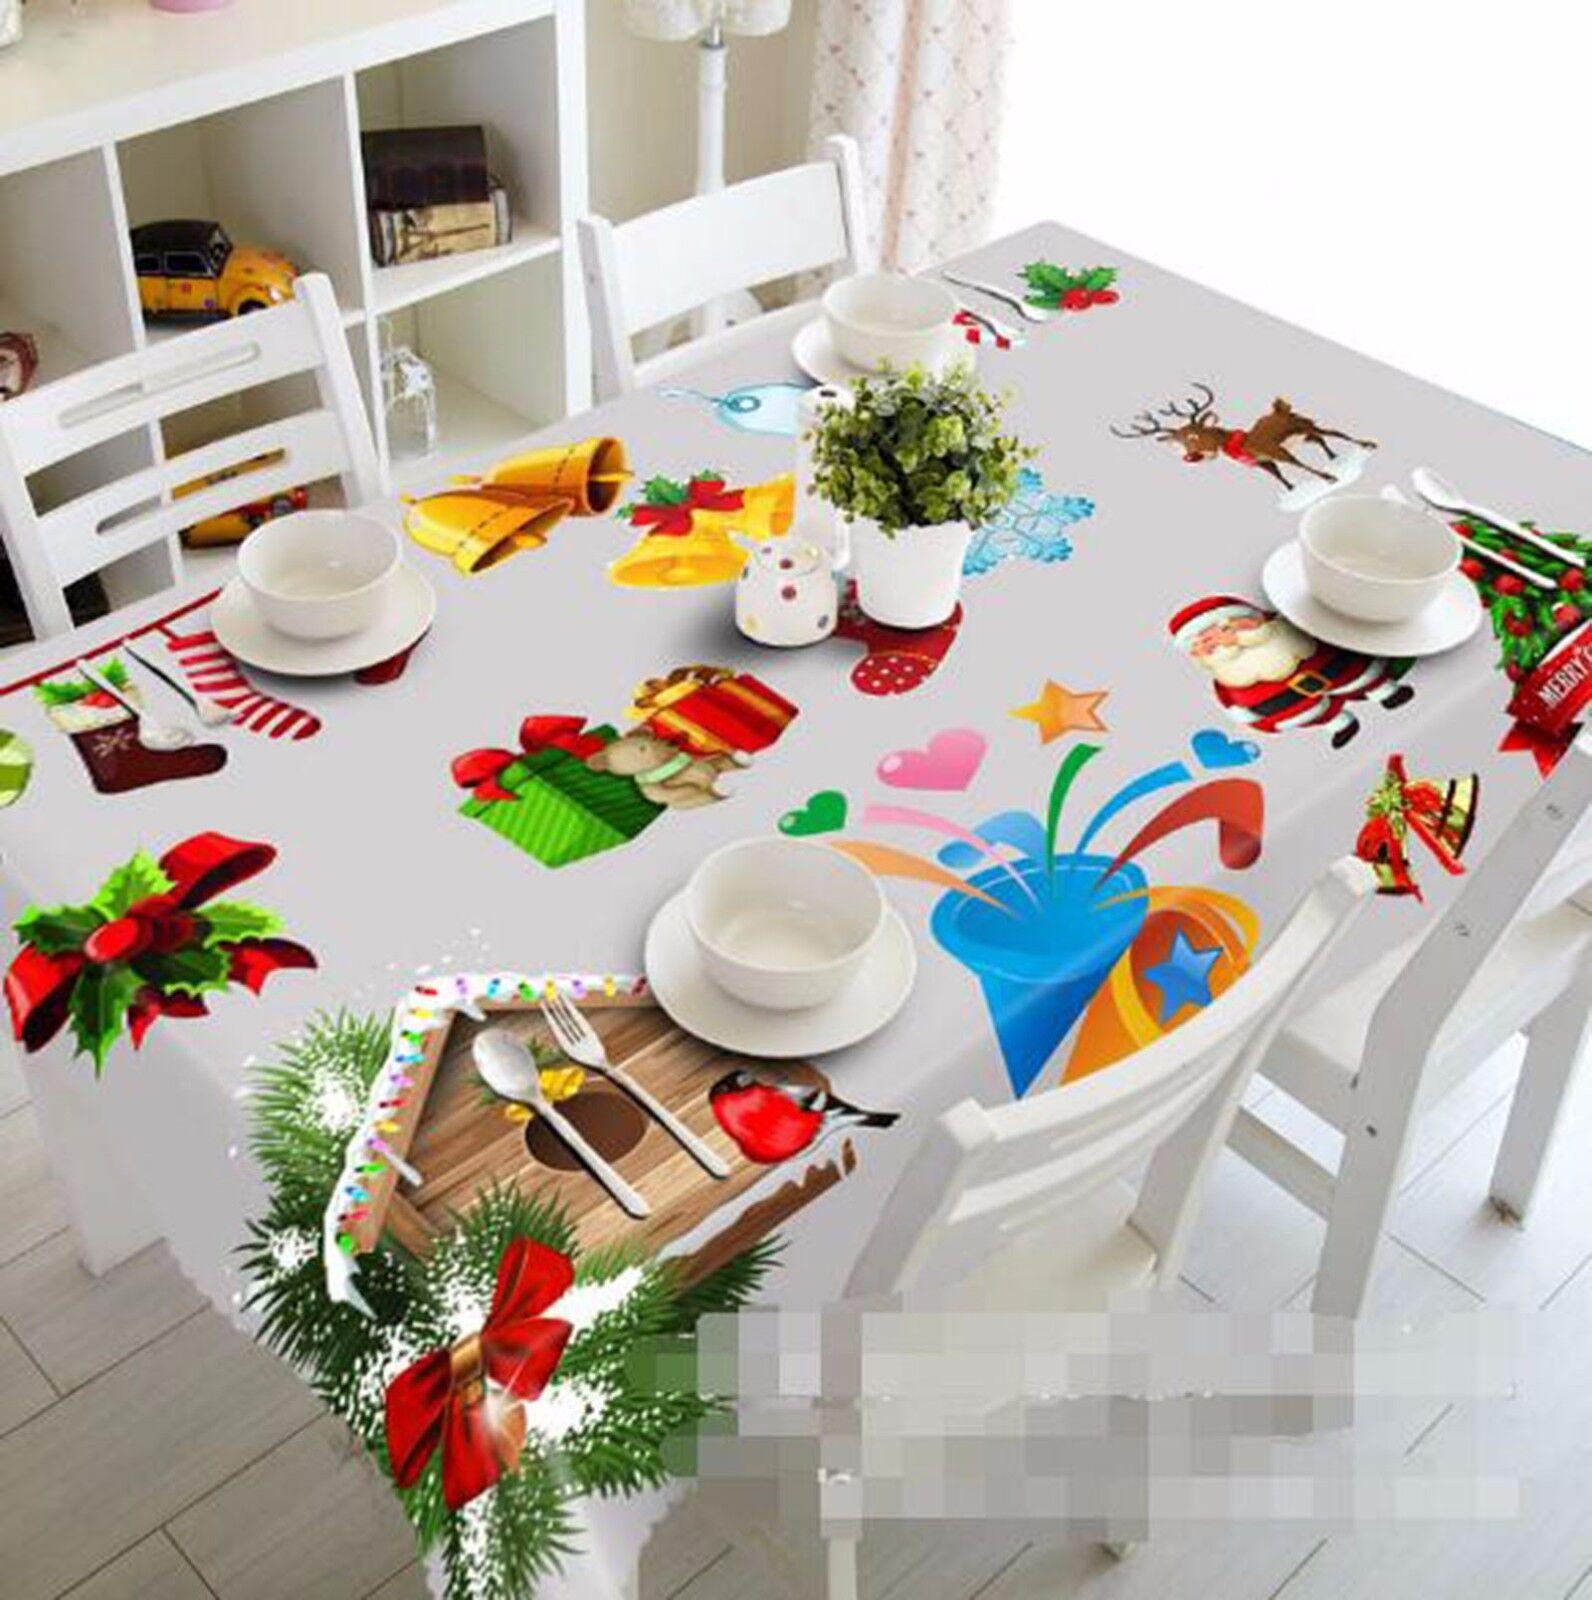 Patron 3D 57 Nappe Table Cover Cloth fête d'anniversaire AJ papier peint Royaume-Uni Citron